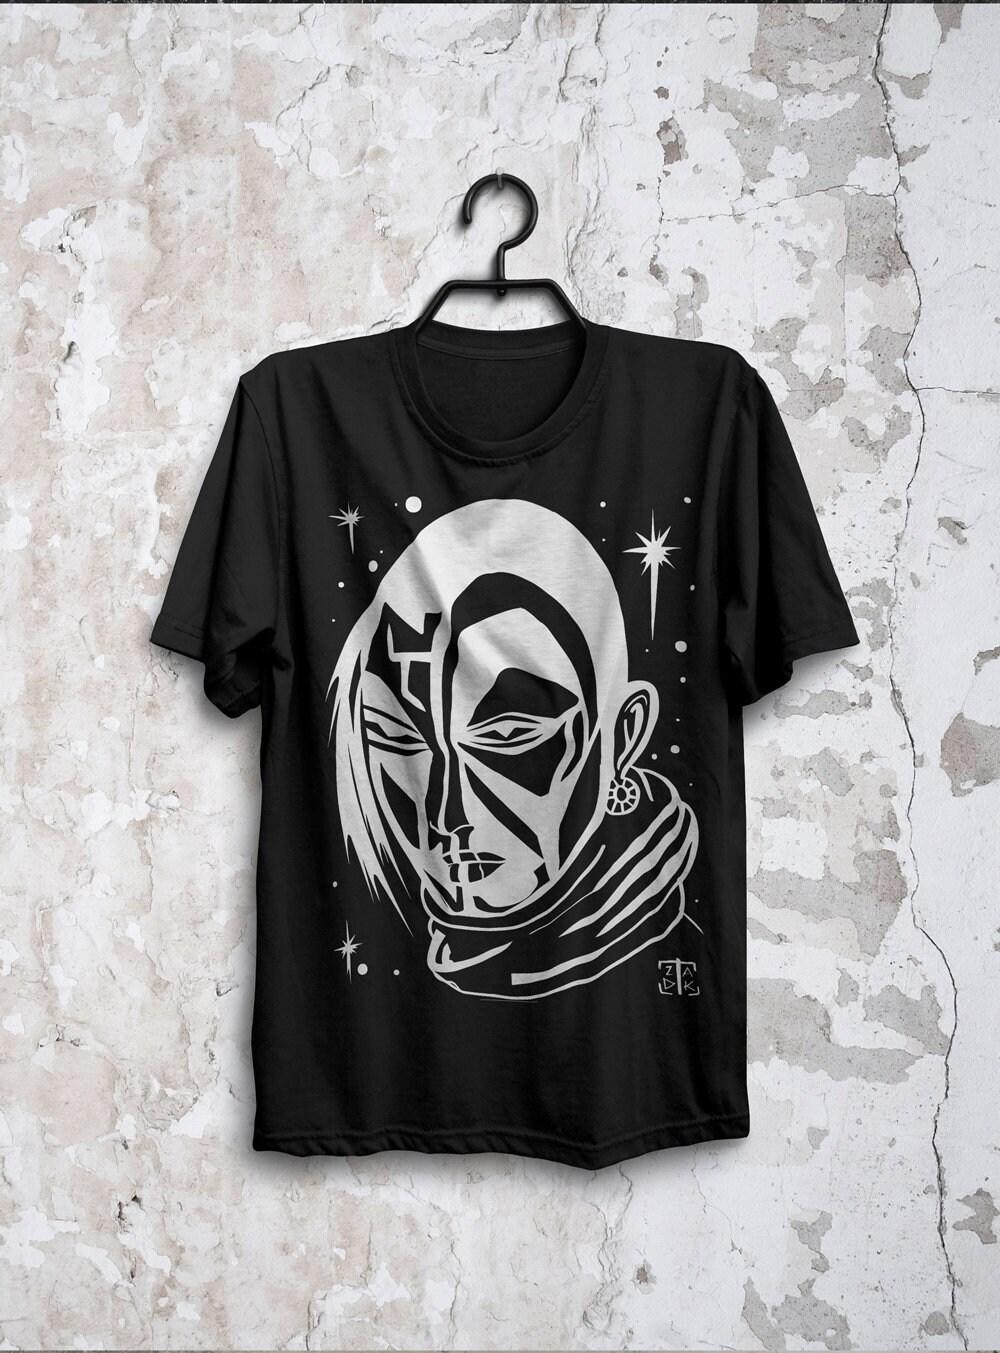 Burning man Man Mad Max galactique espace homme Star galactique Max voyageur Tshirt noir à la main Illustration originale, écran impression fait main 45805d